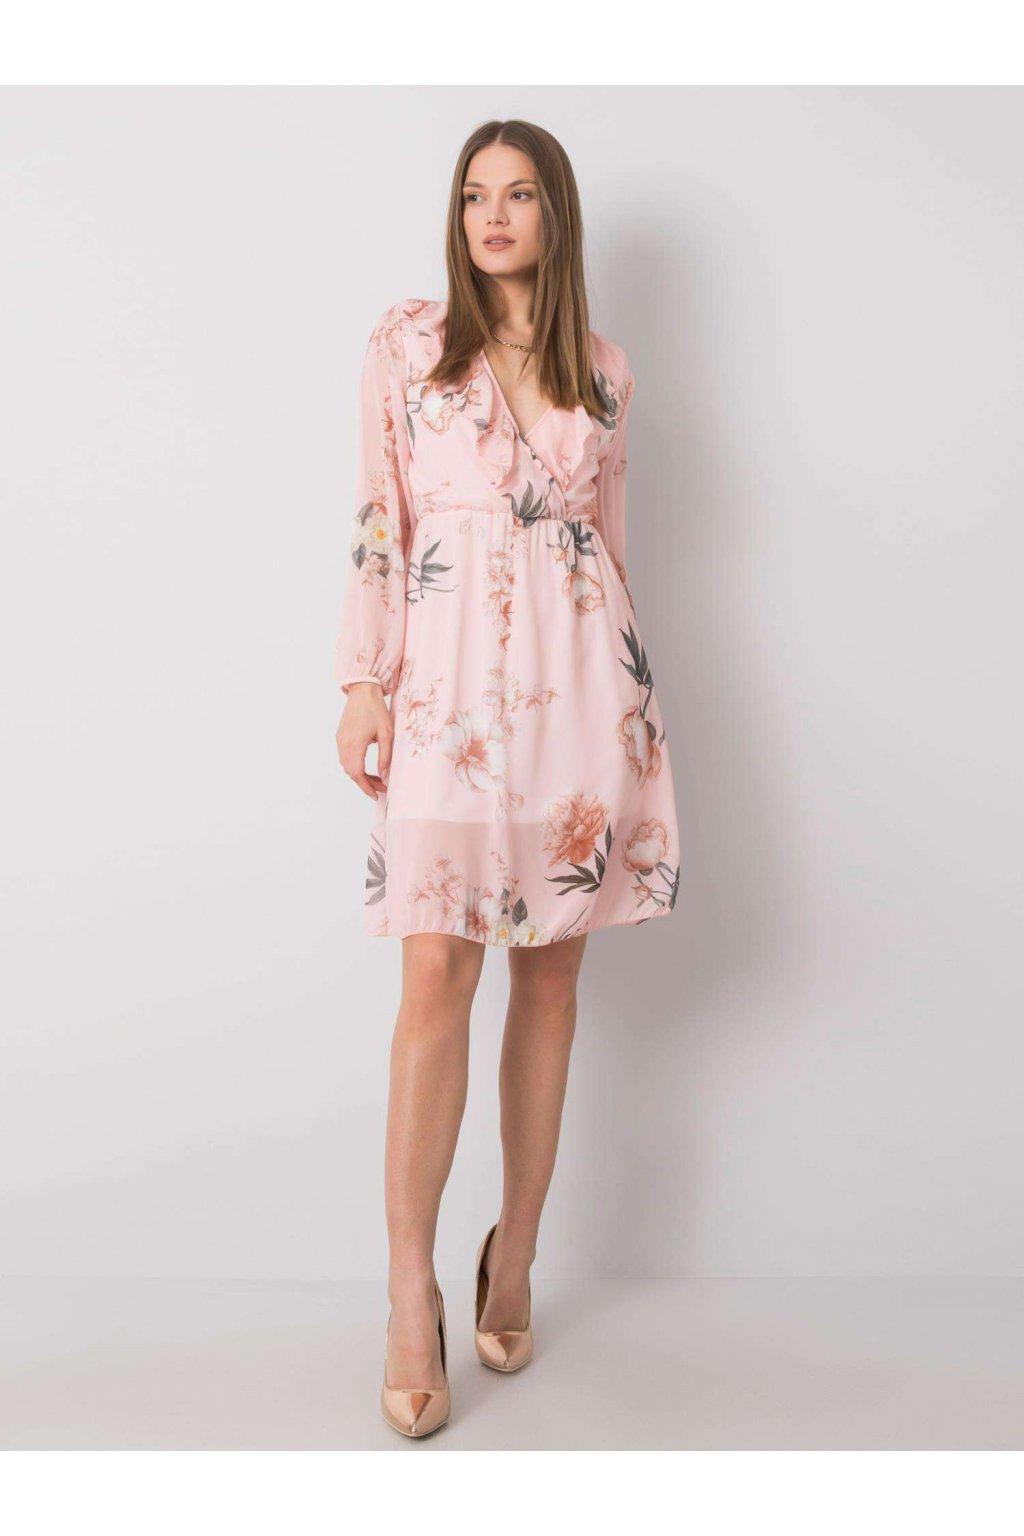 pol pl Jasnorozowa sukienka w kwiaty Desirae 362587 1